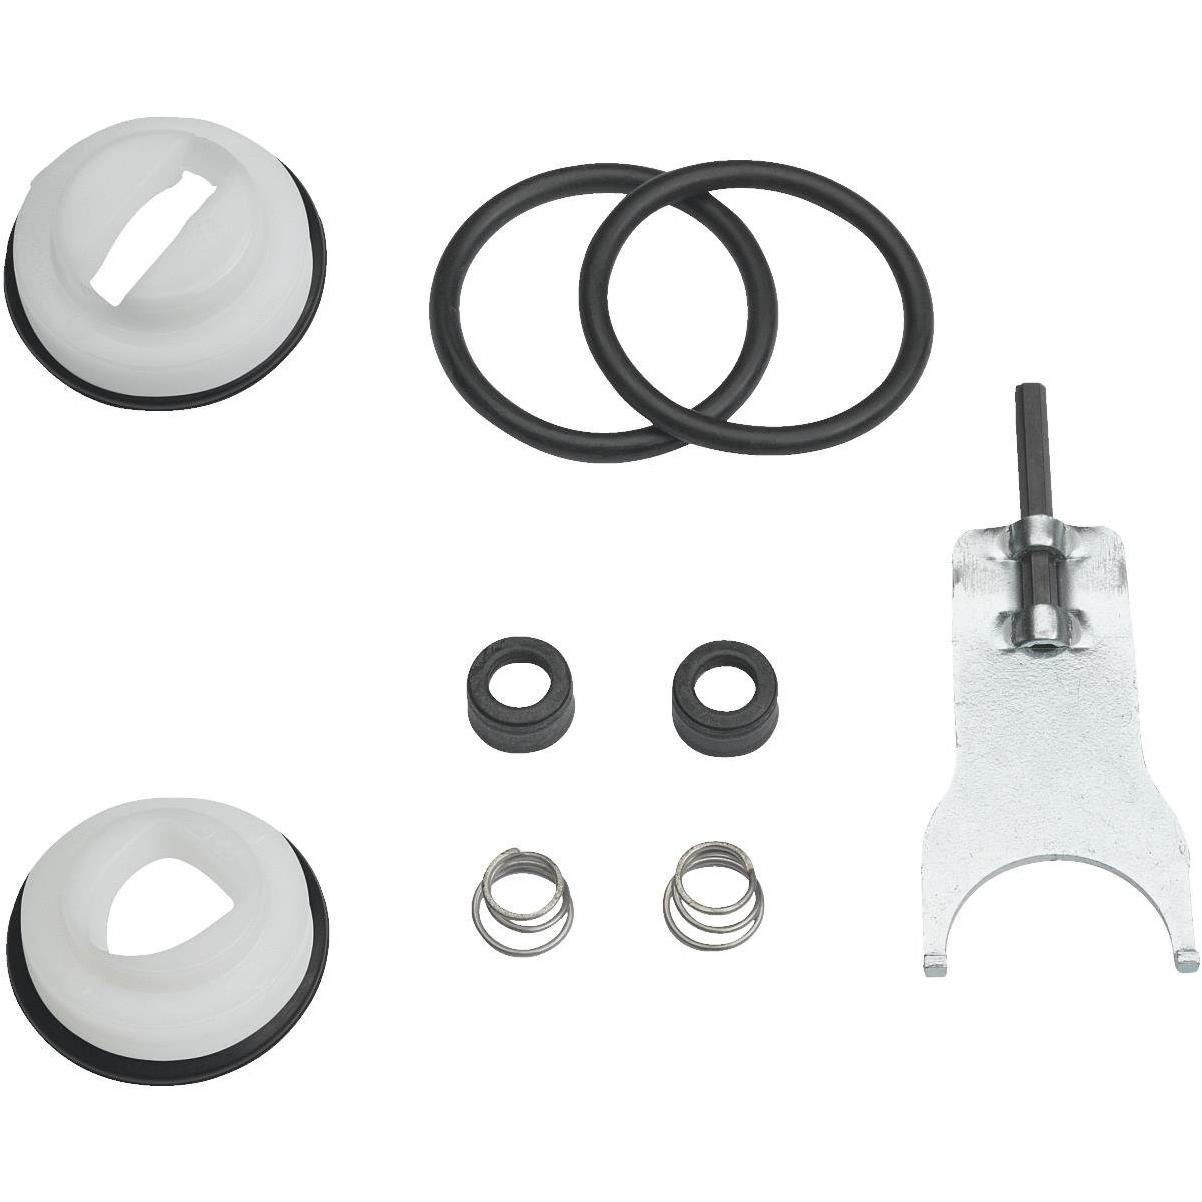 Delta Faucet Repair Kit For Single